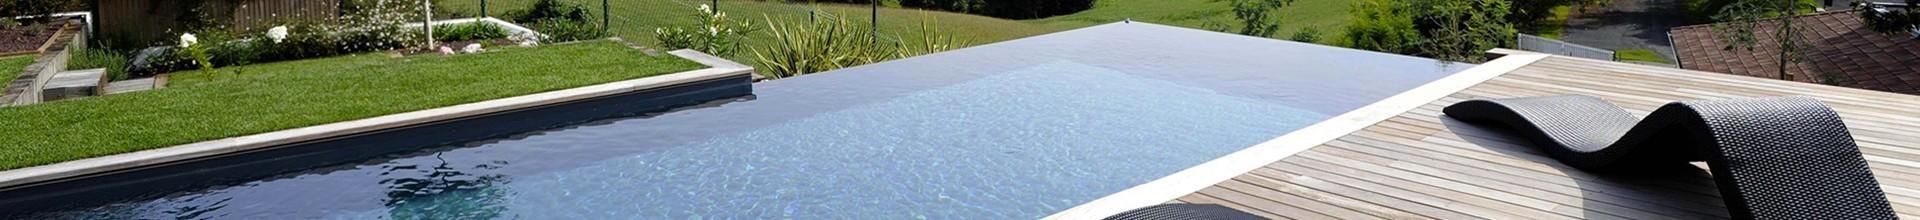 Lot Occitanie nettoyage d'une piscine en béton, robuste, durable